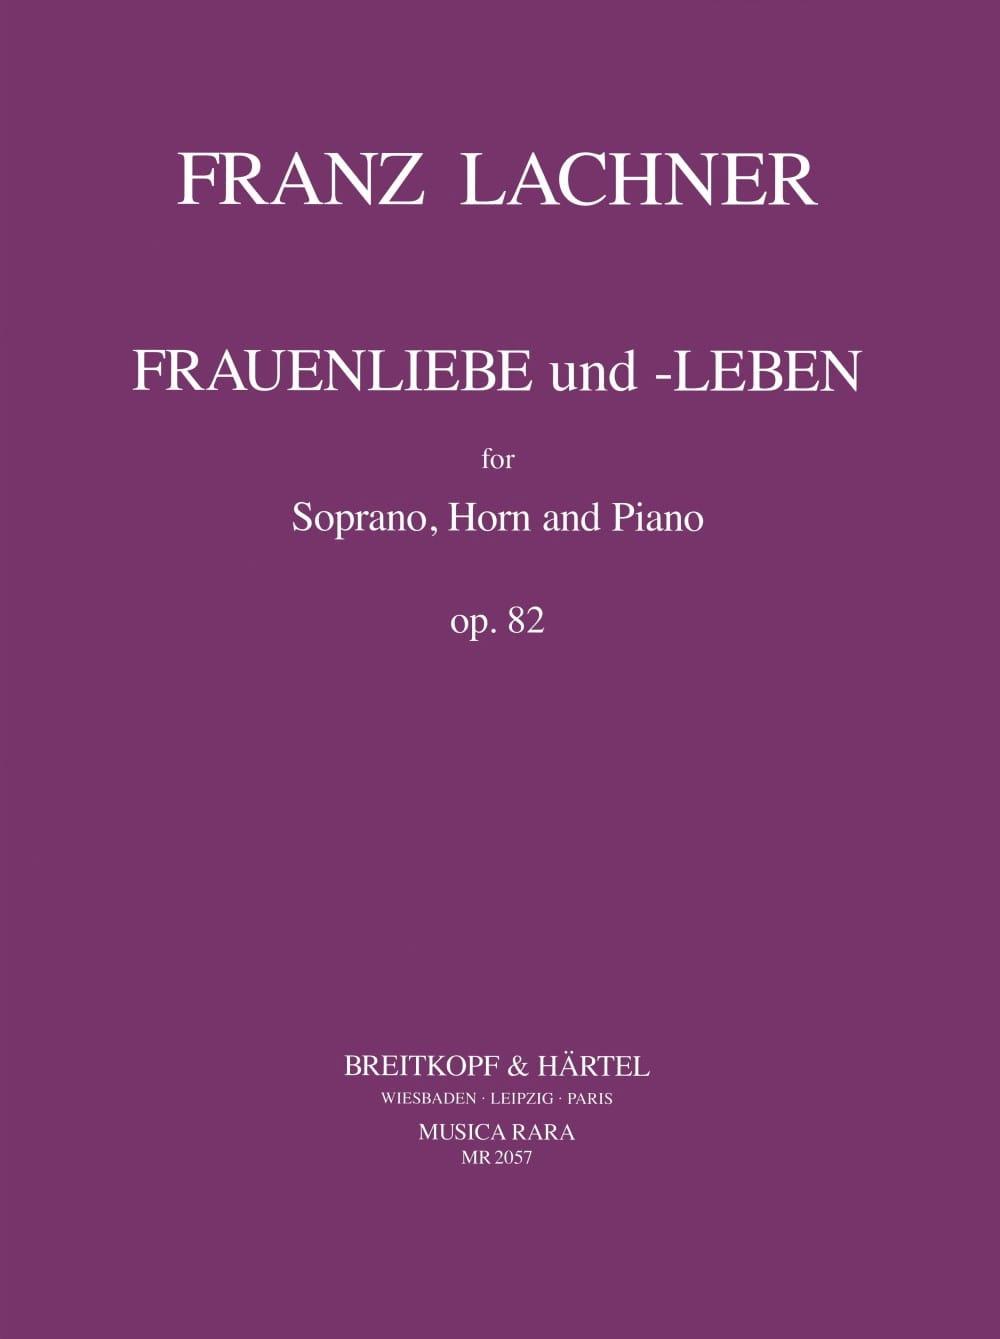 Frauenliebe Und Leben Opus 82 - Franz Lachner - laflutedepan.com